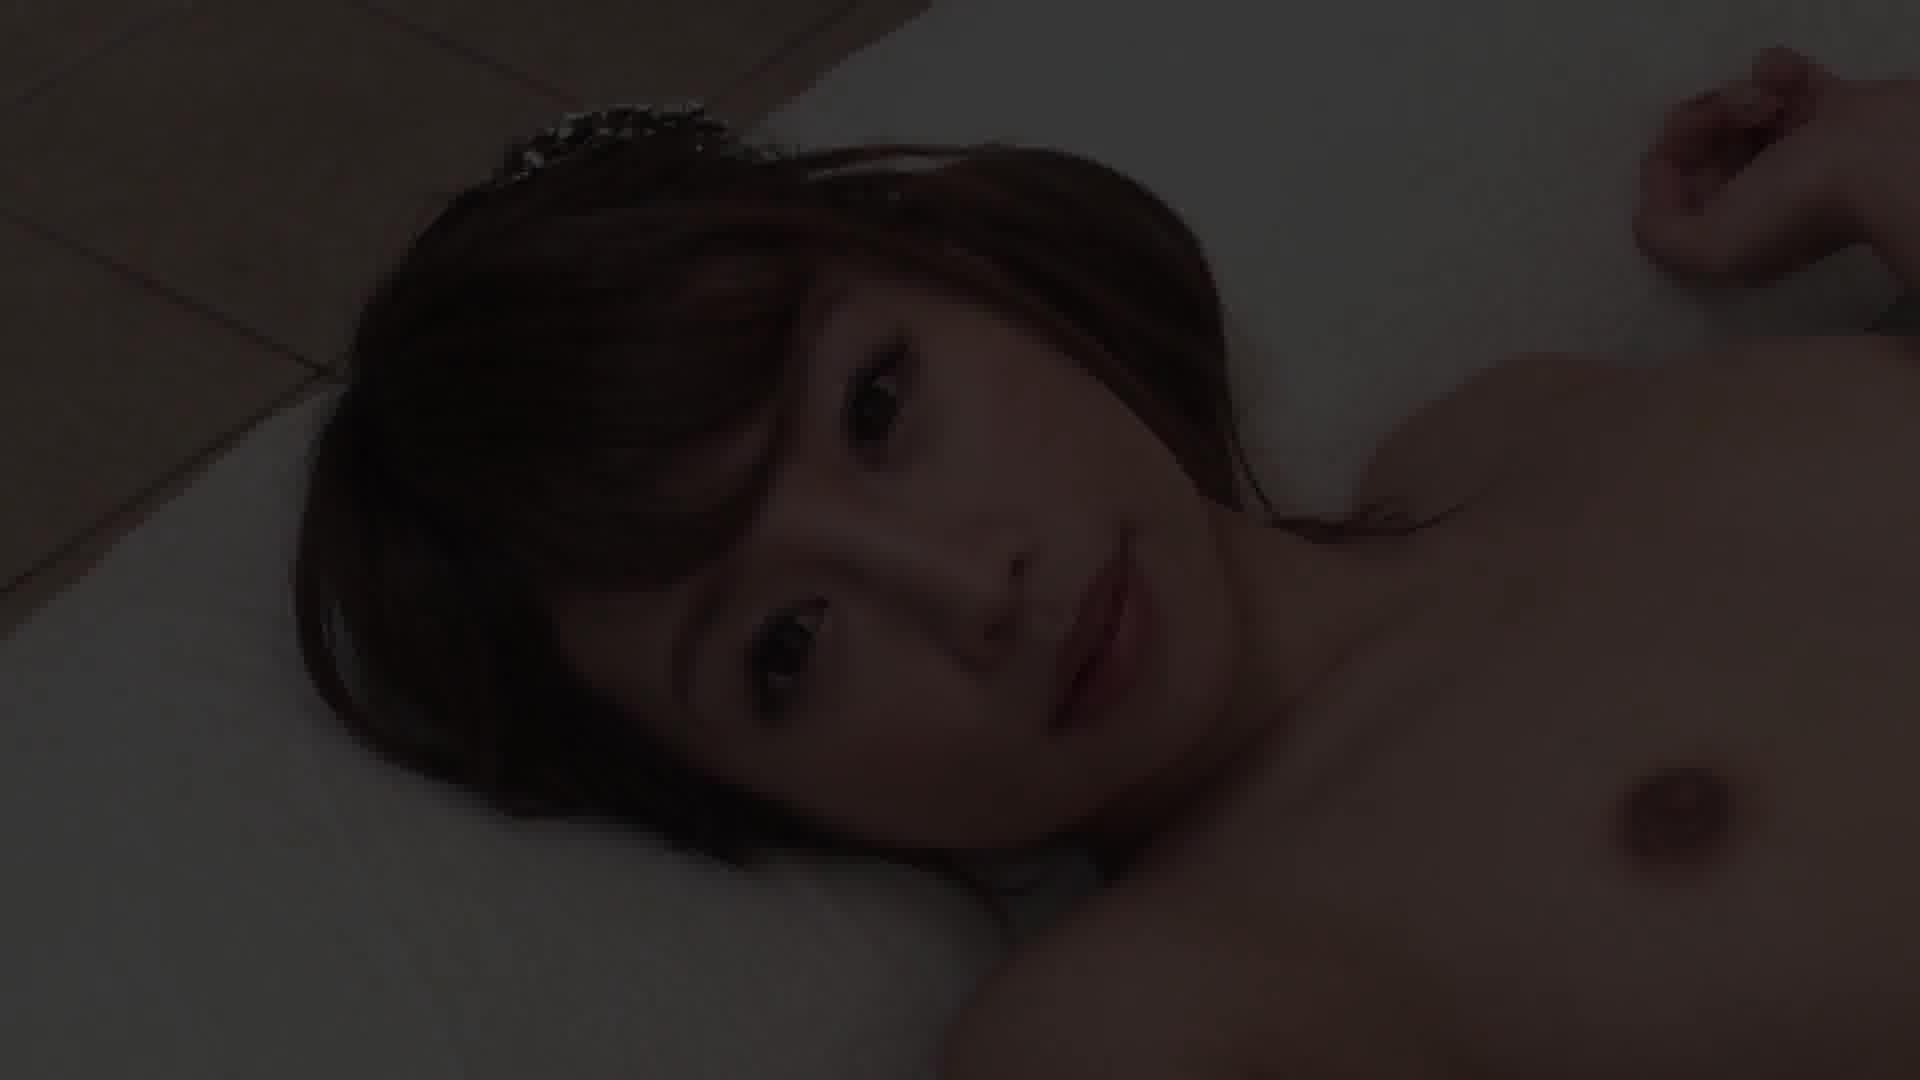 タイムファック泡姫物語 – 高山ちさと【パイパン・イラマチオ・中出し】